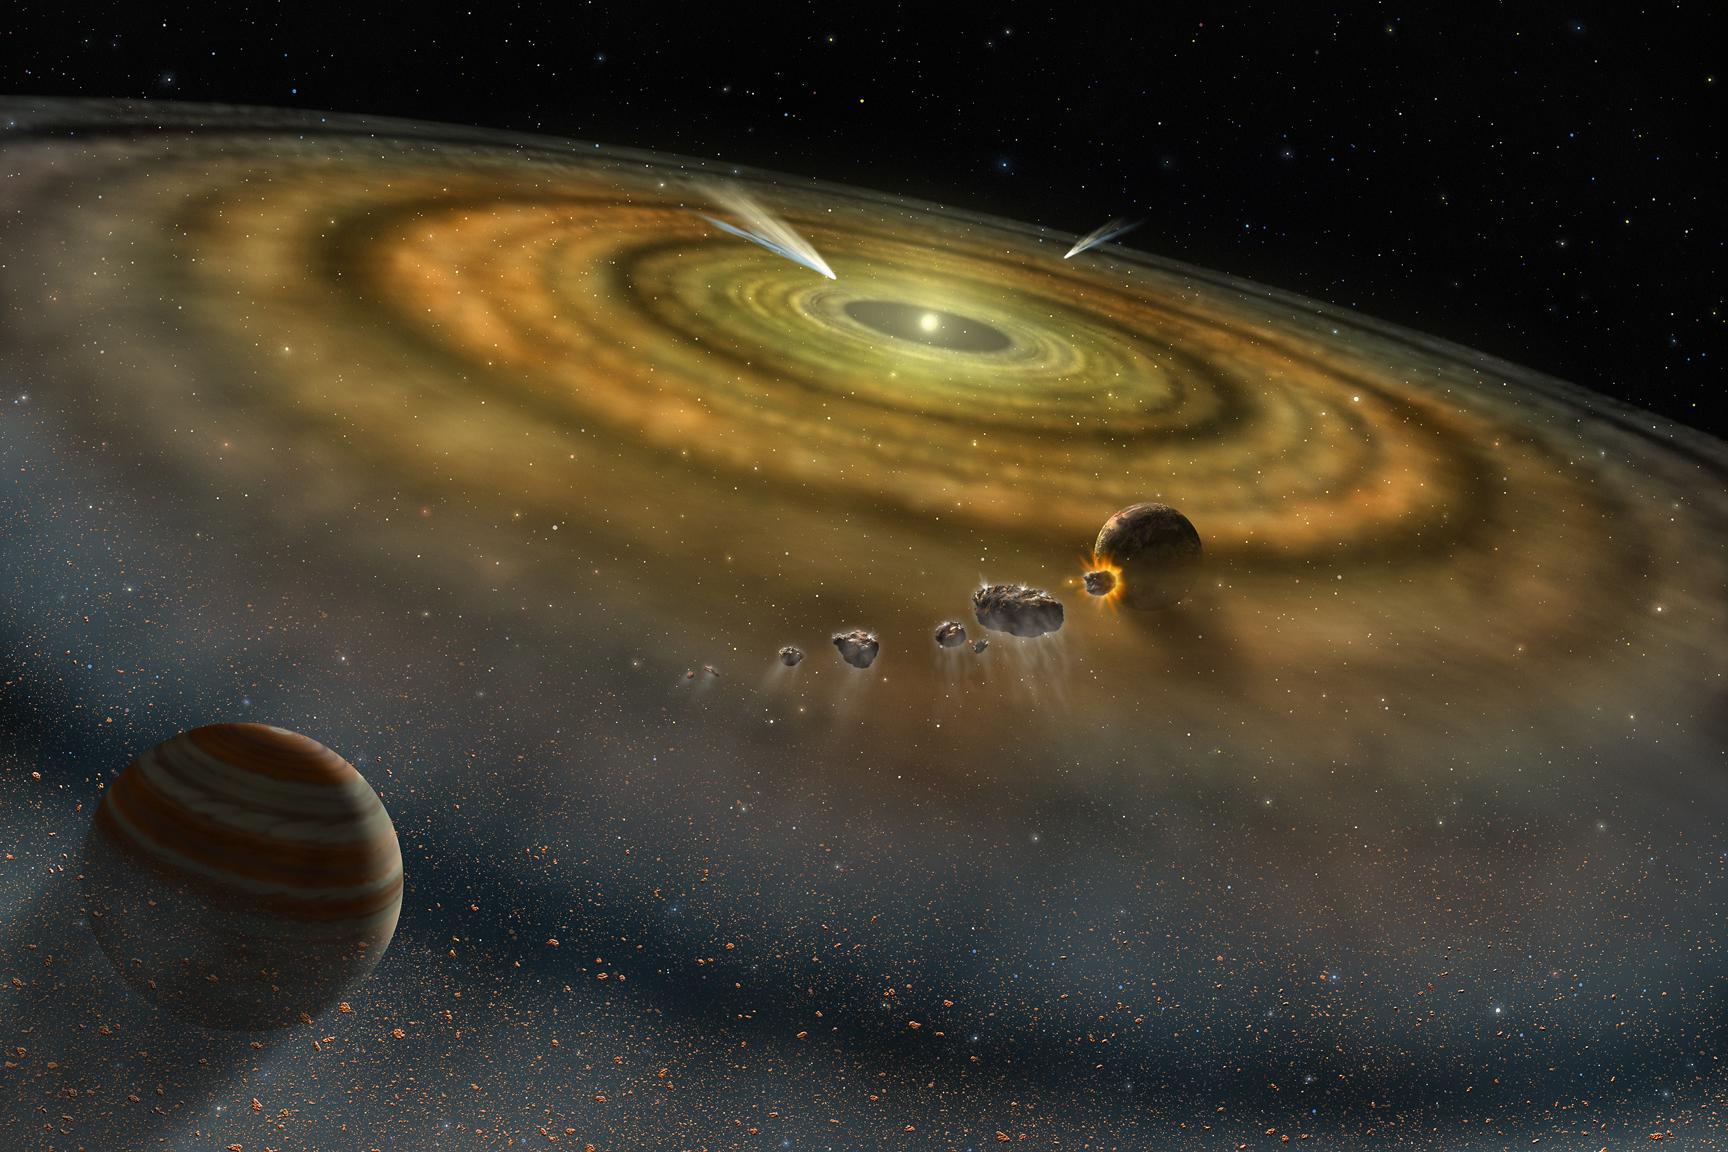 Близкий пролет звезды мог определить облик Солнечной системы